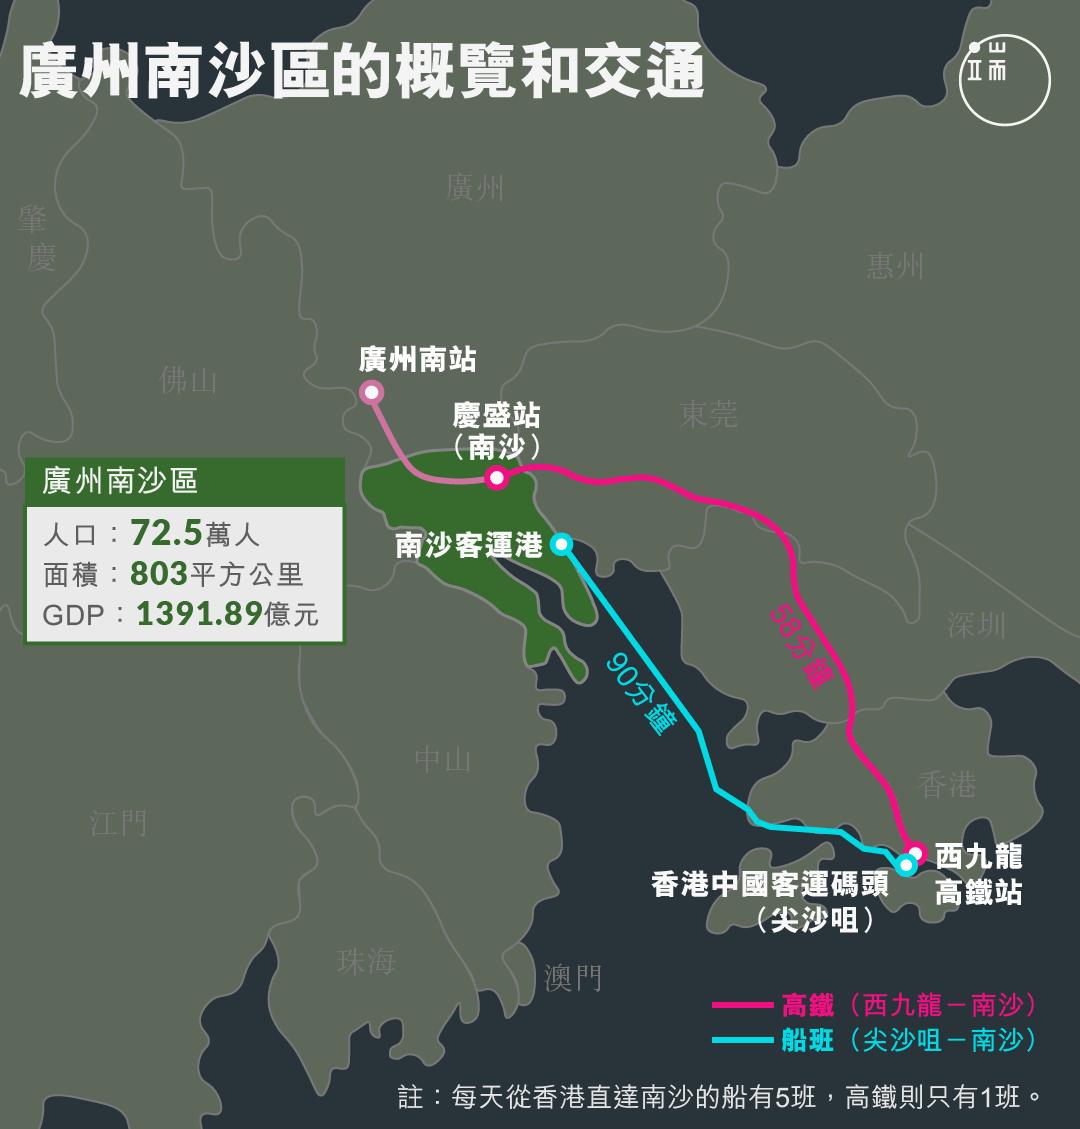 廣州南沙區概覽和交通。